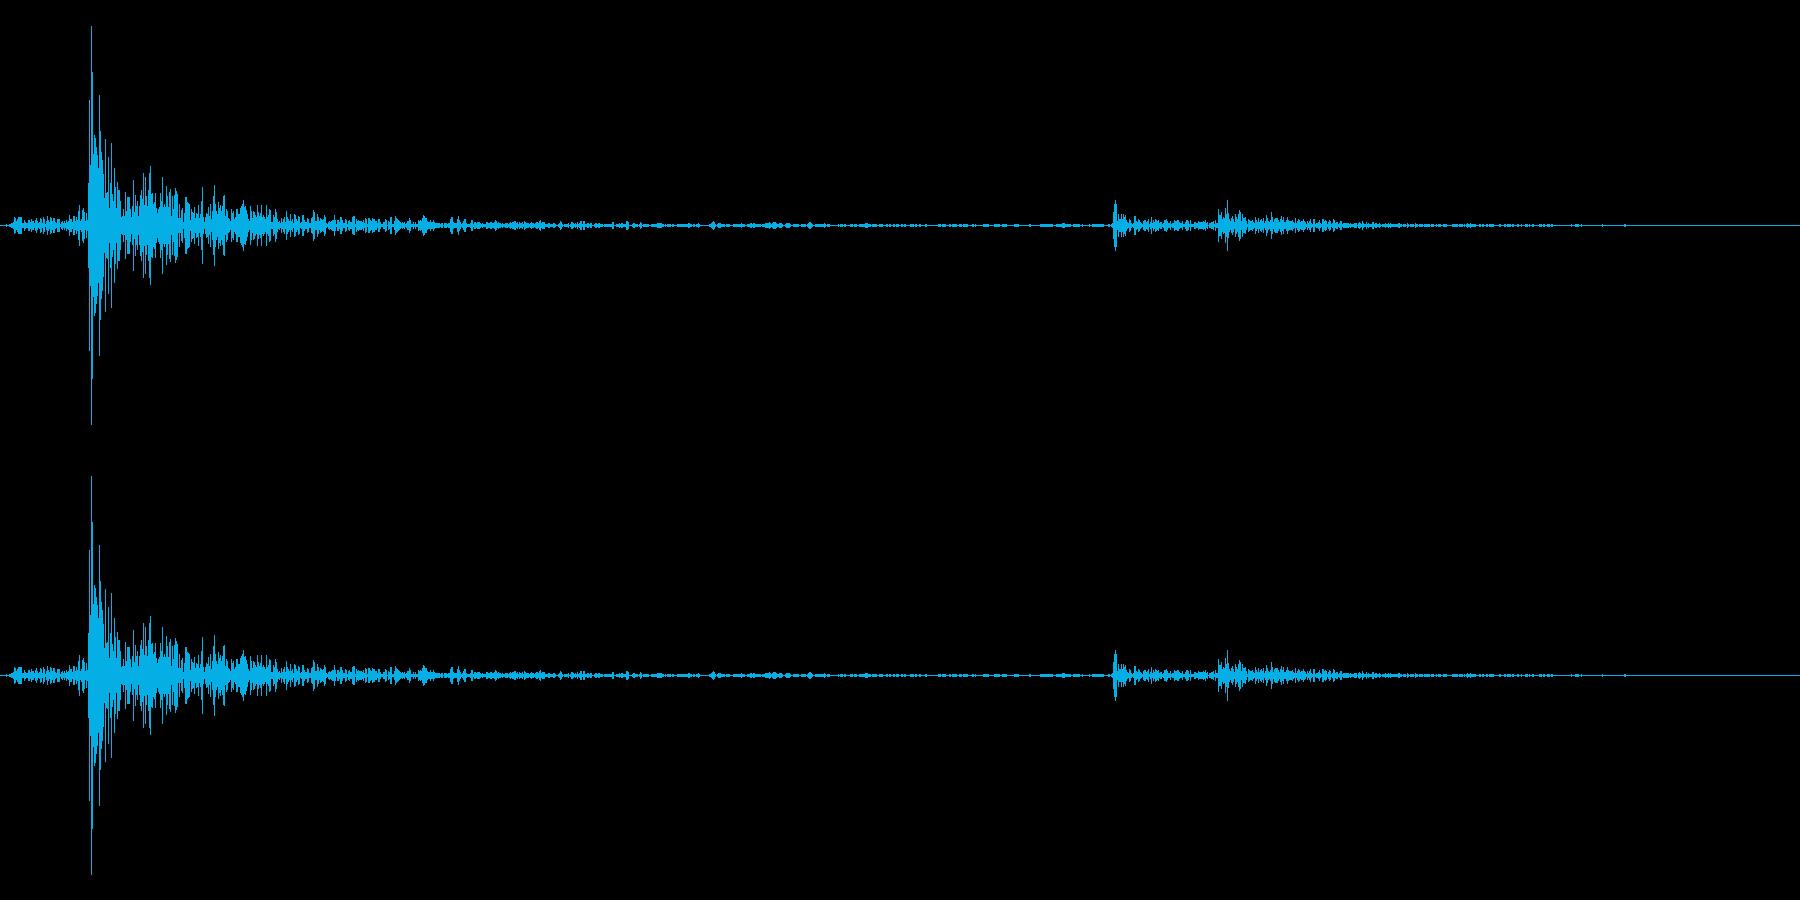 カーソル移動音6の再生済みの波形